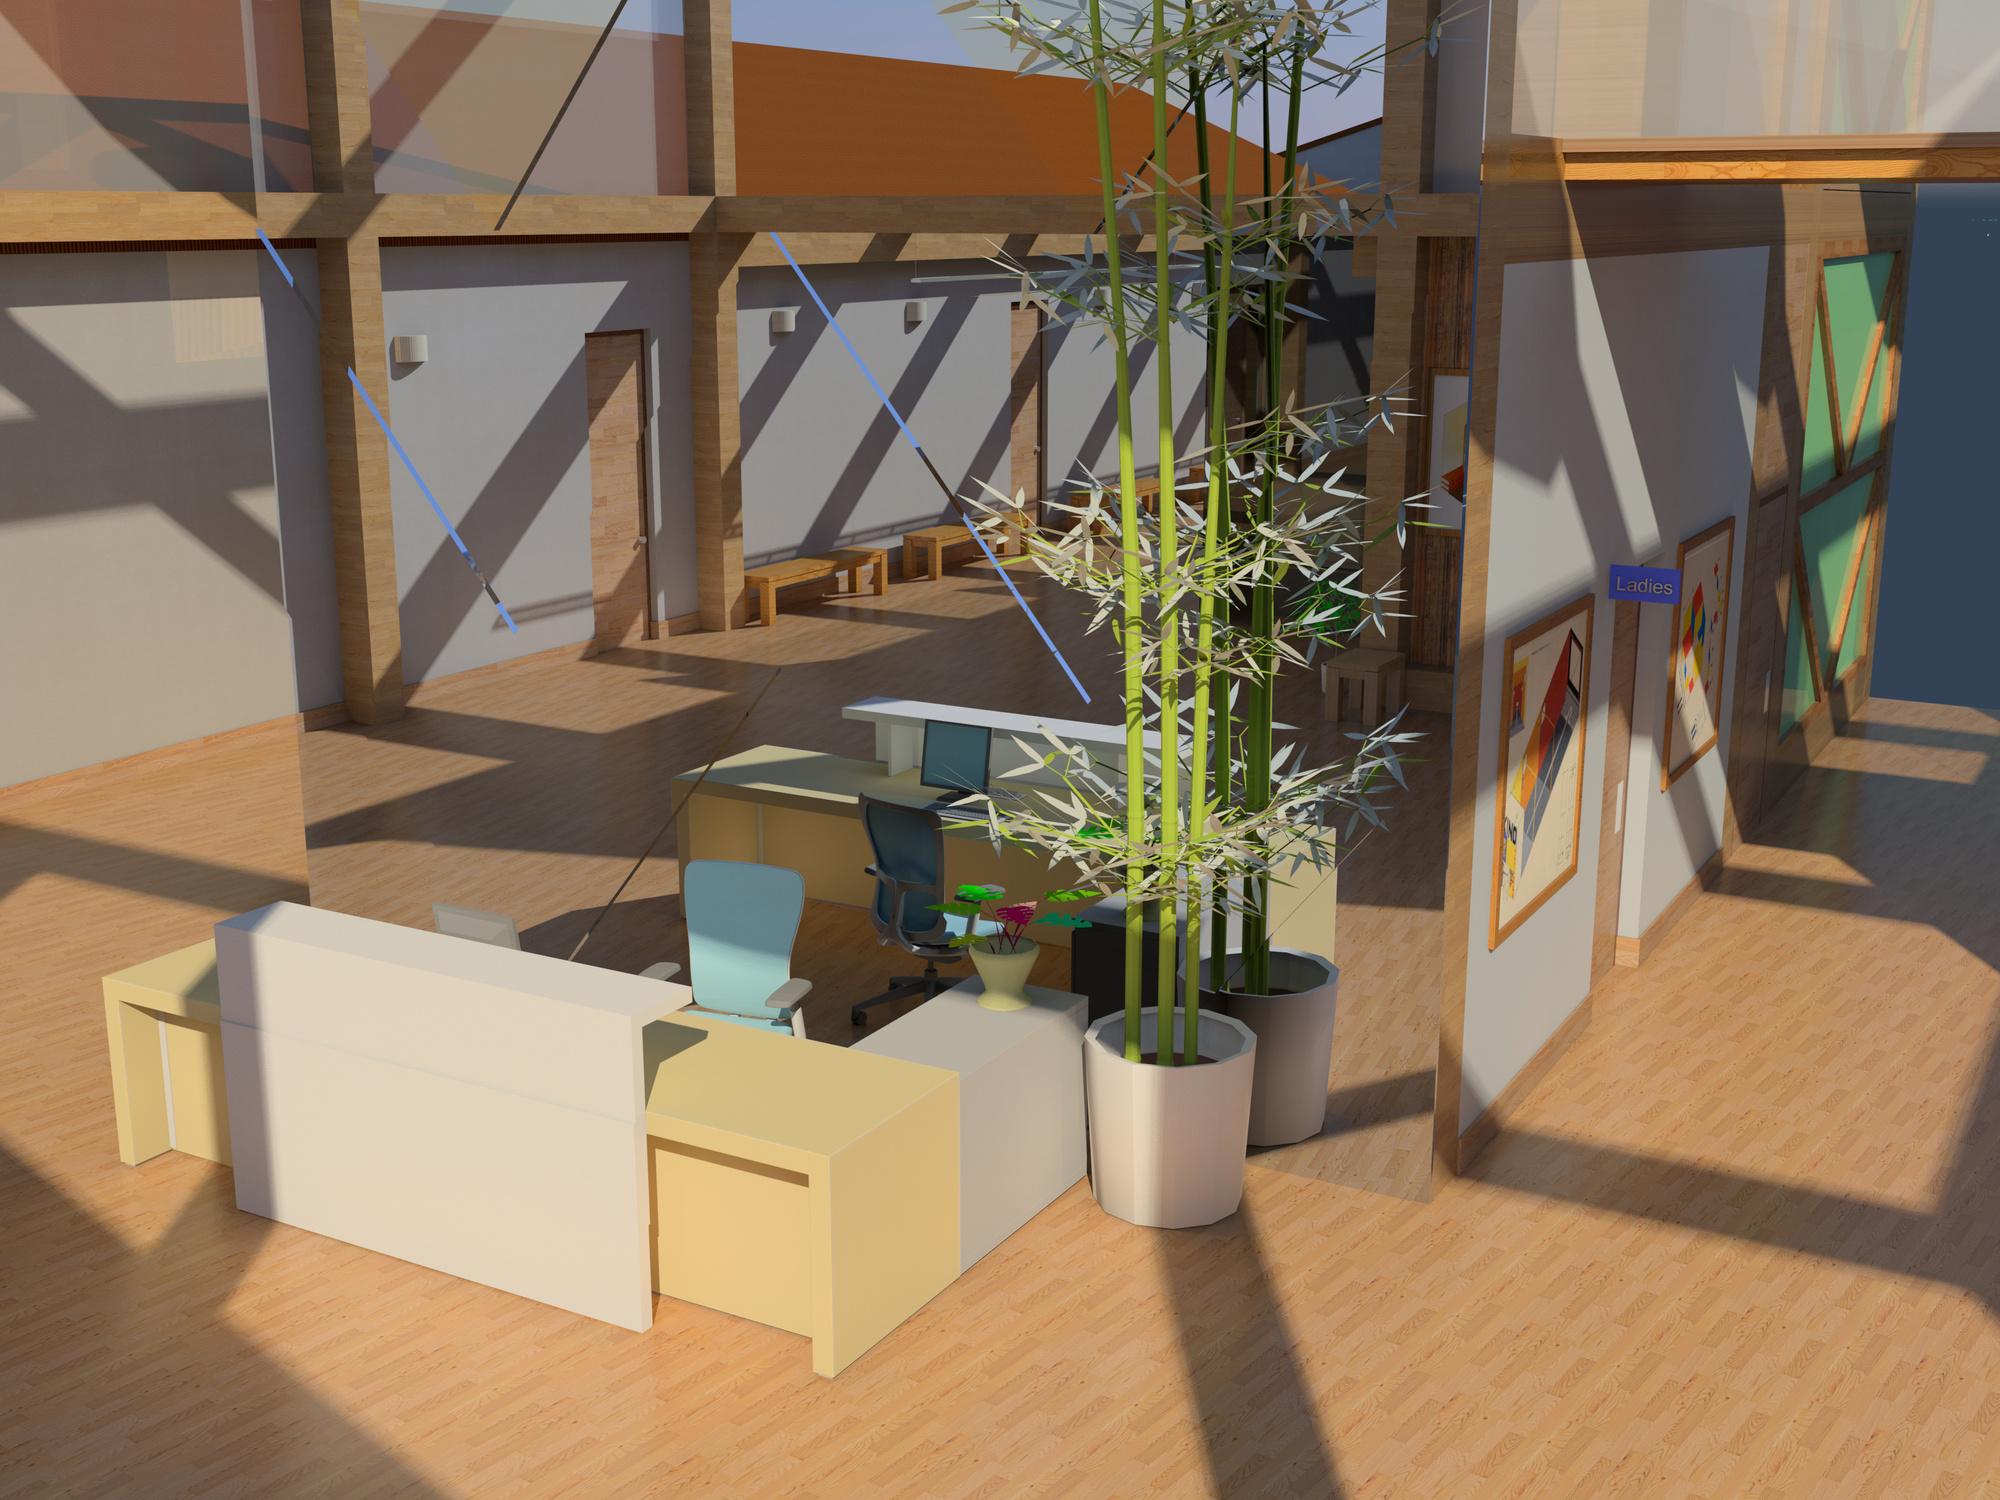 Raas-rendering20150212-21791-1ili1no